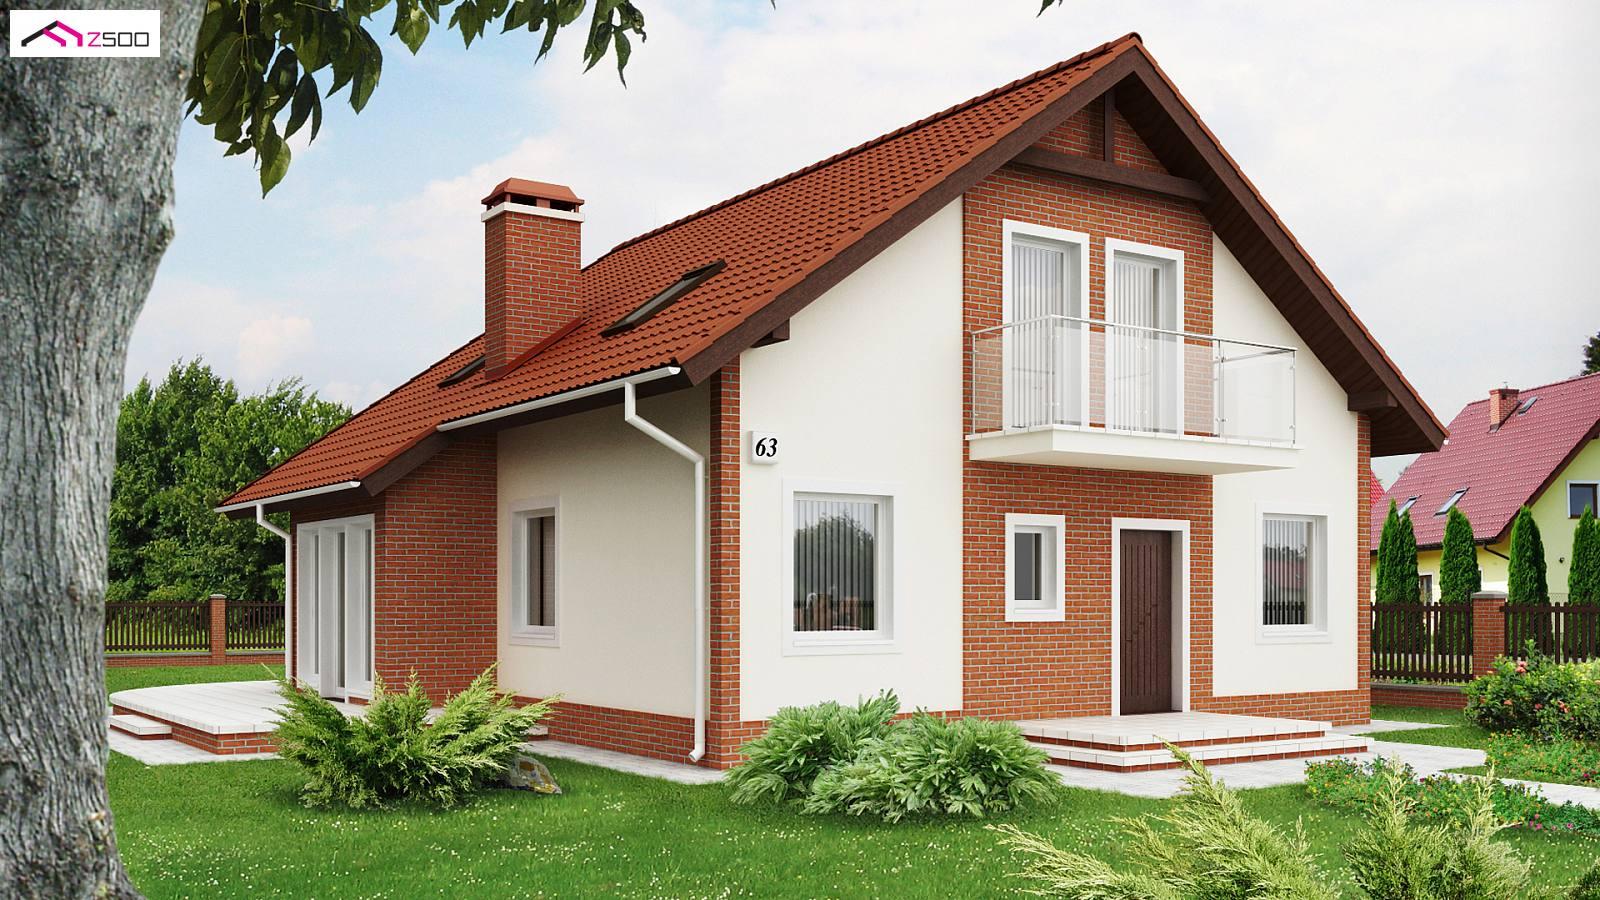 projekty domów drewnianych szkieletowych - z63